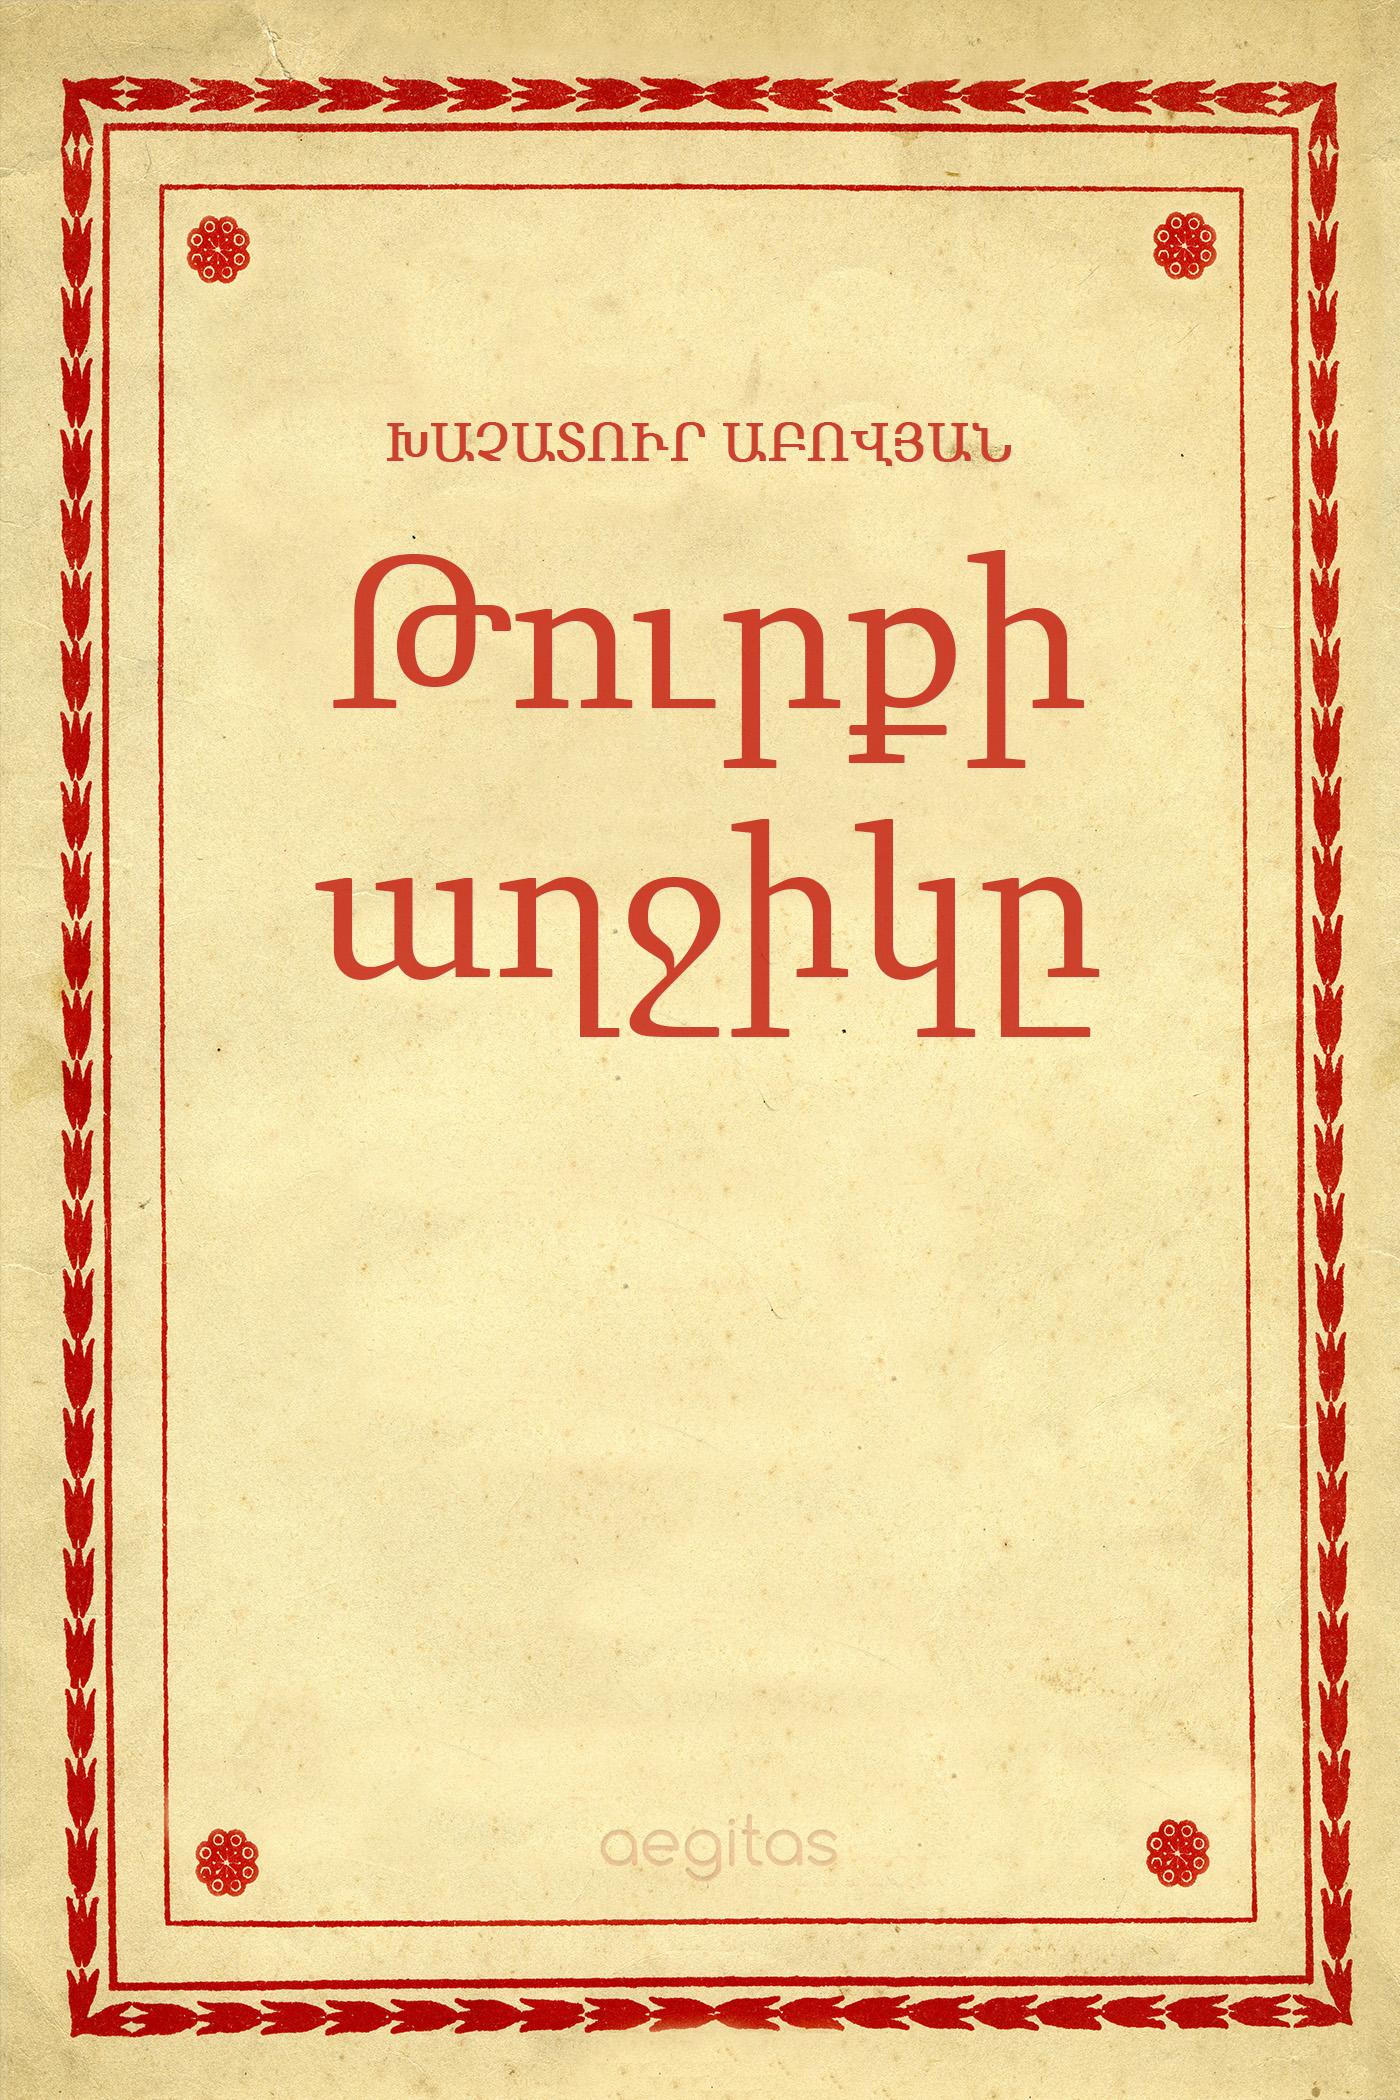 Խաչատուր Աբովյան Թուրքի աղջիկը խաչատուր աբովյան վերք հայաստանի